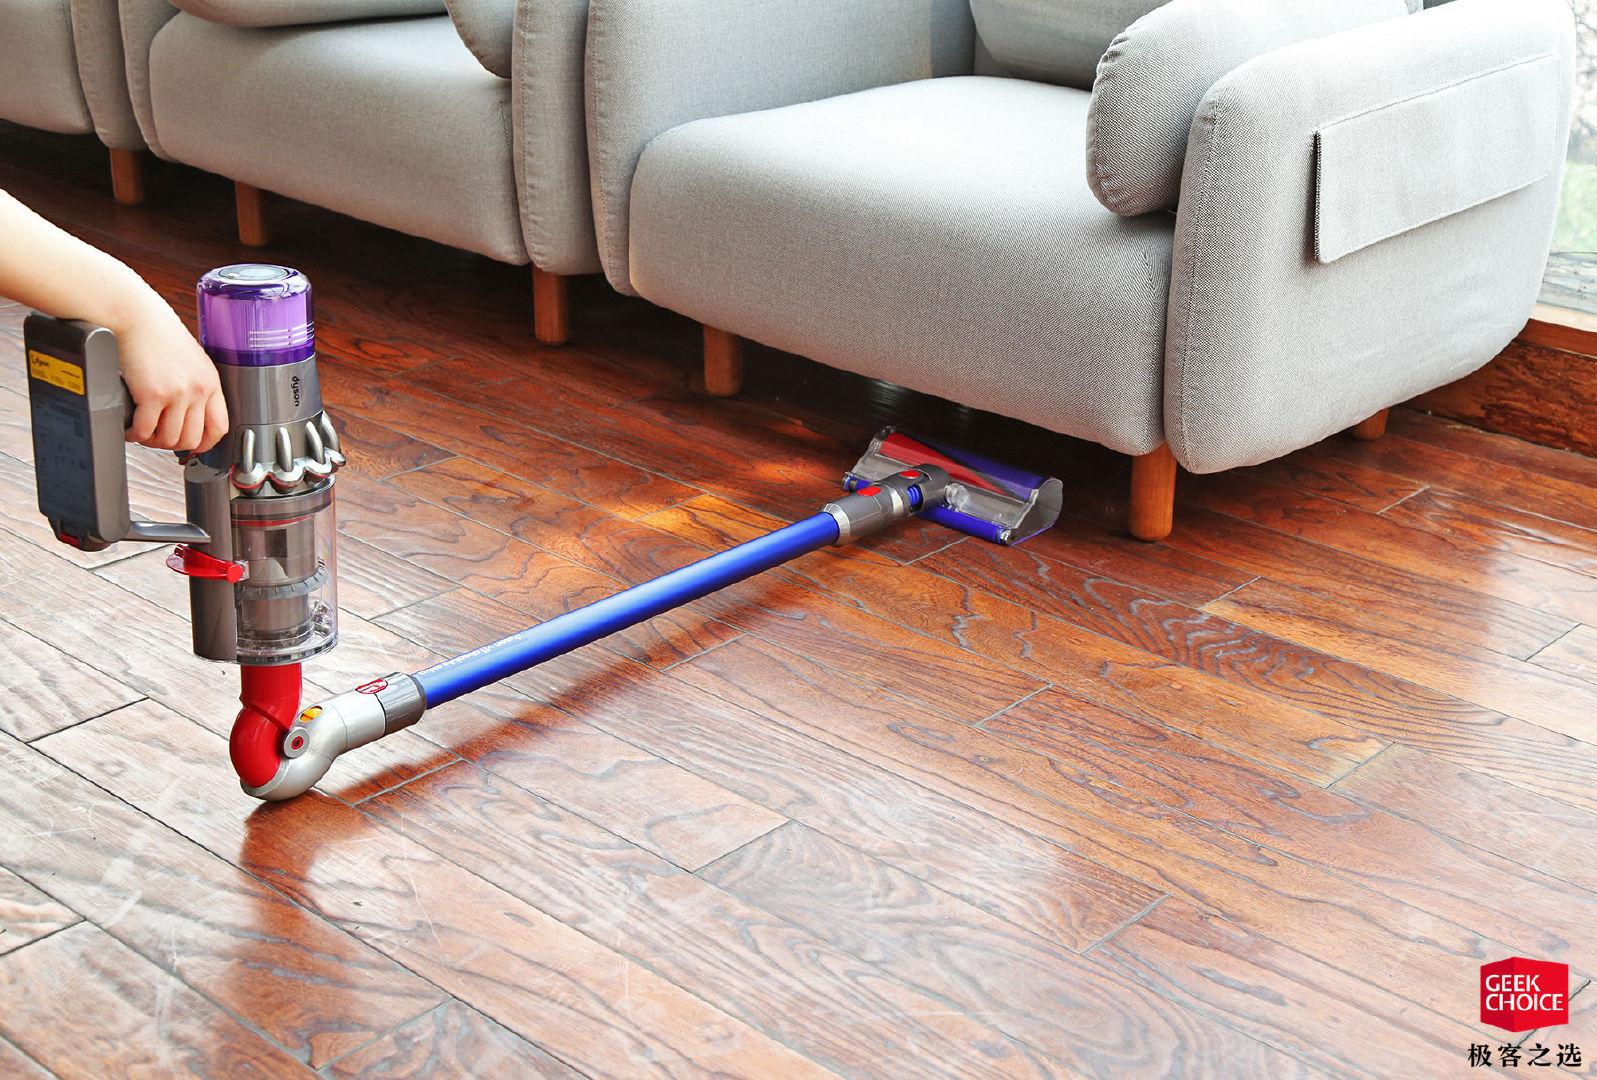 戴森最强吸尘器来了,原来做家务也能很开心